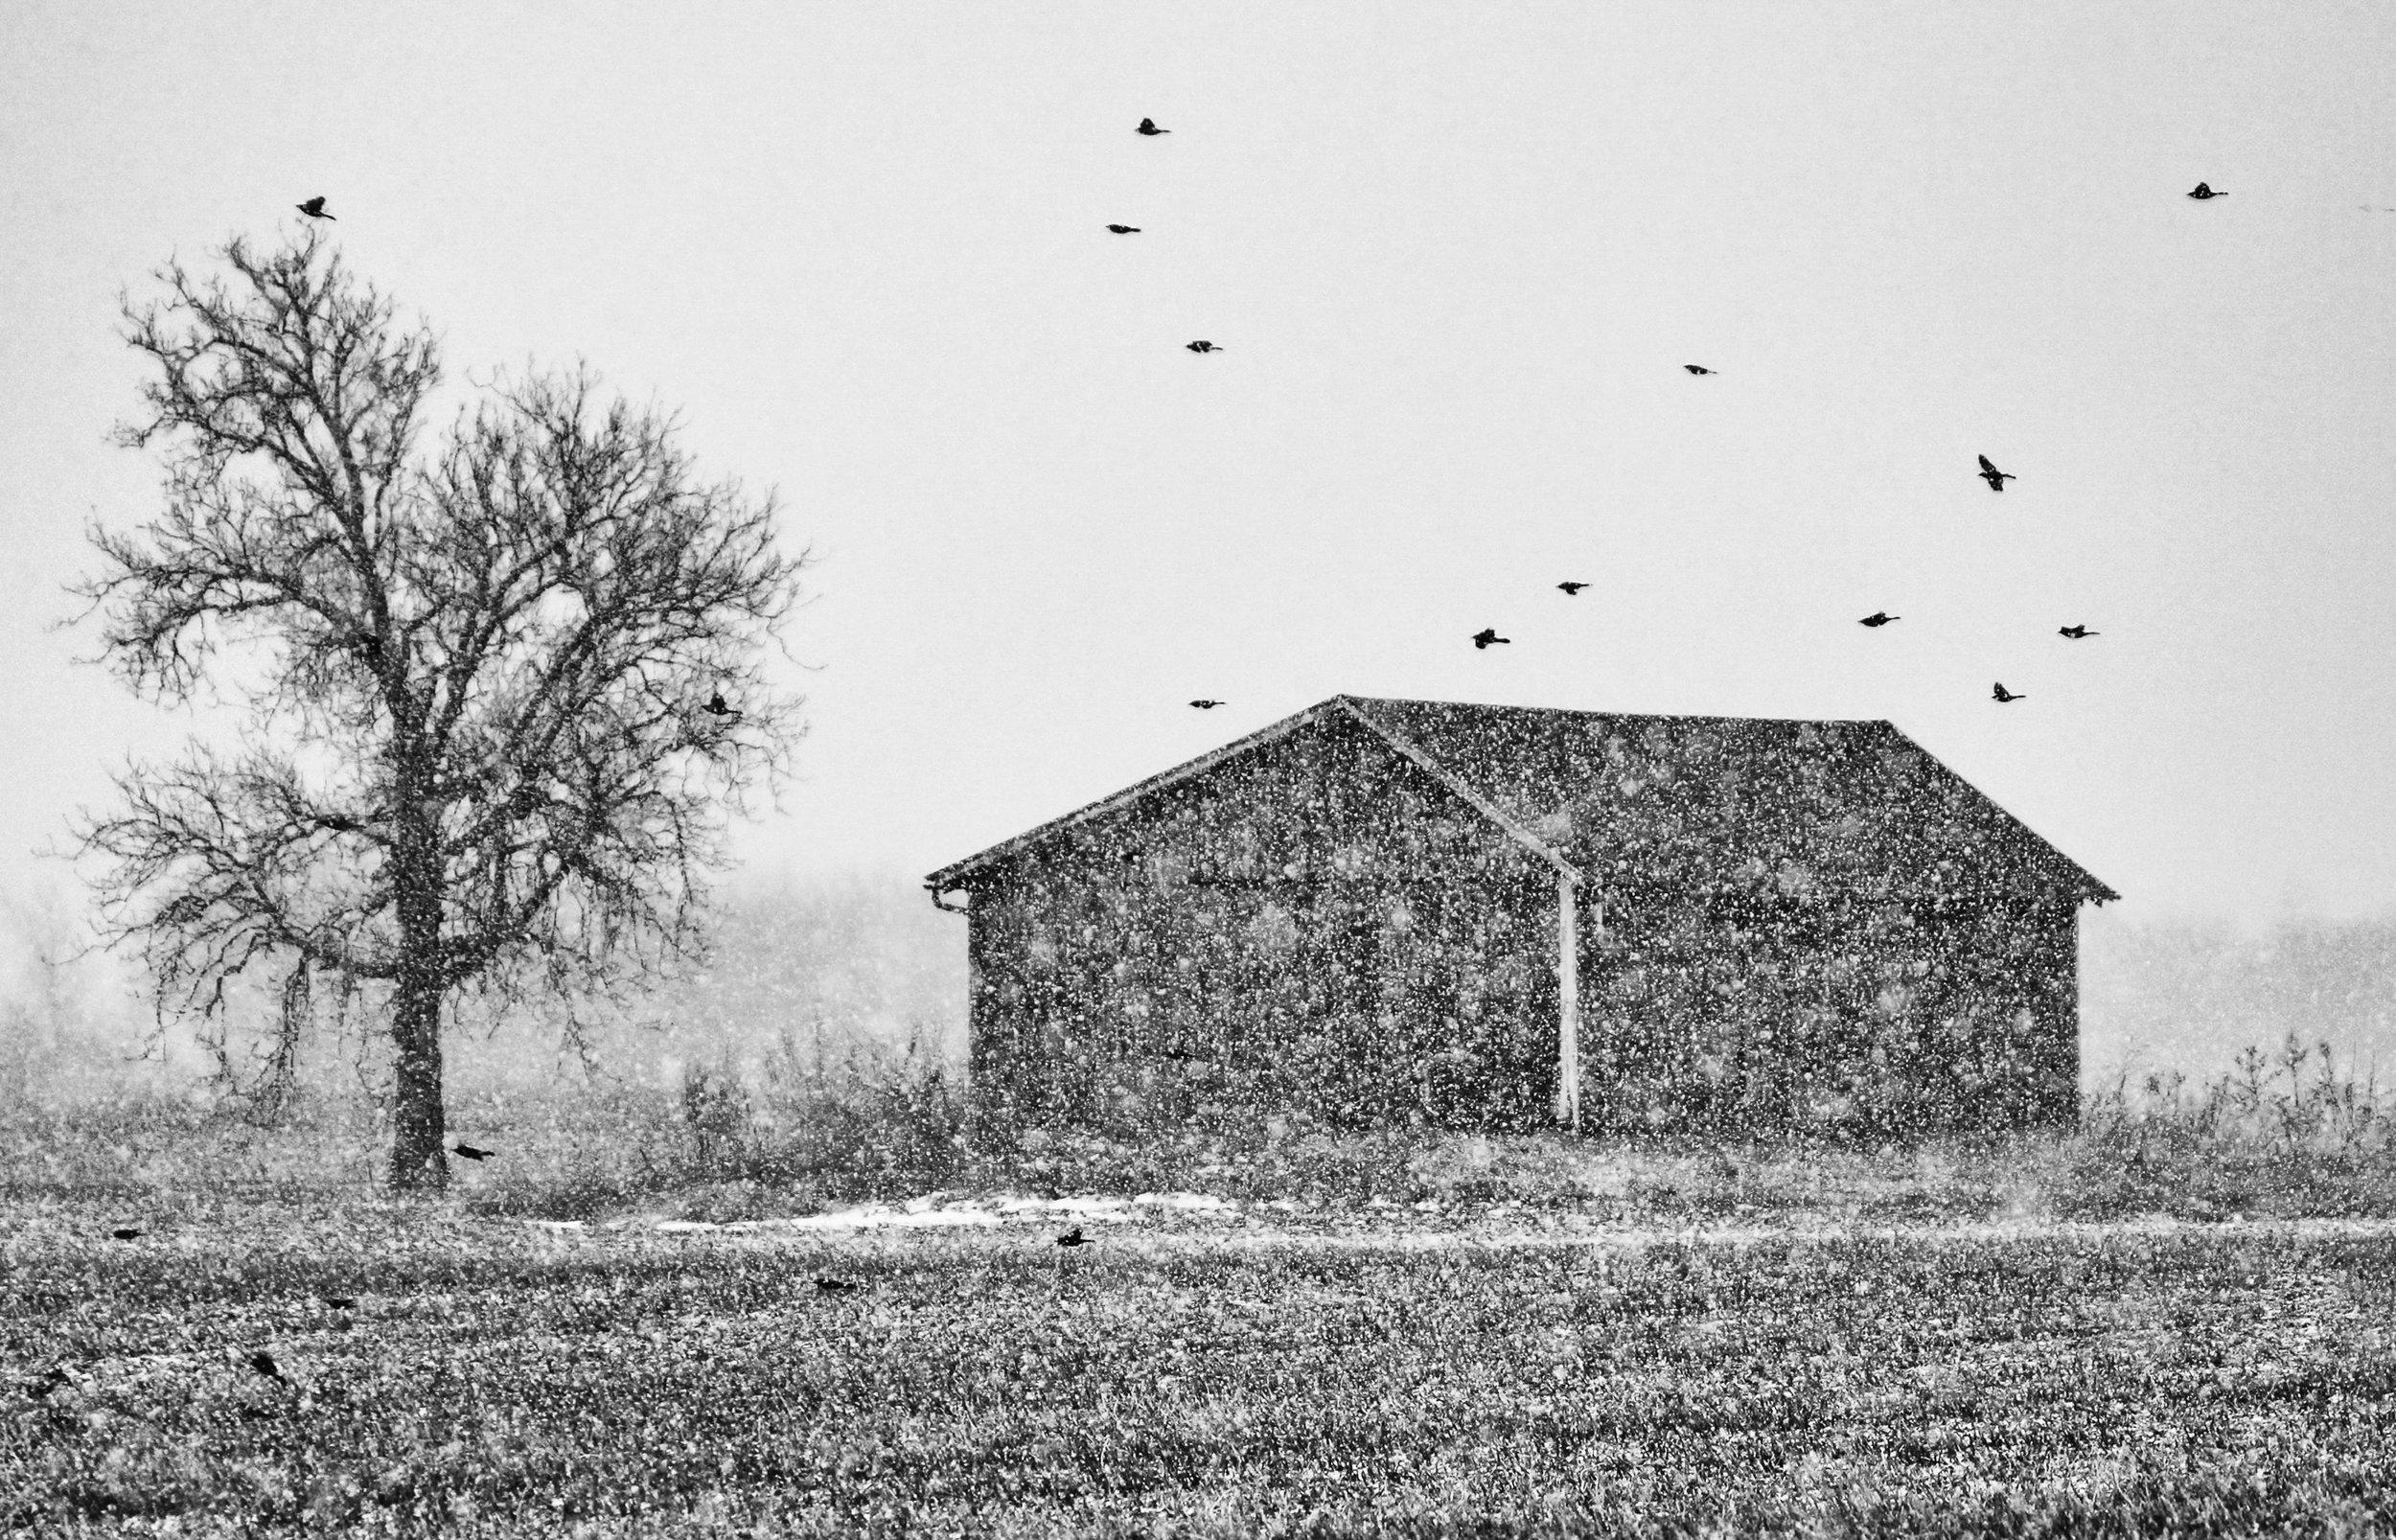 Blackbirds, Fly